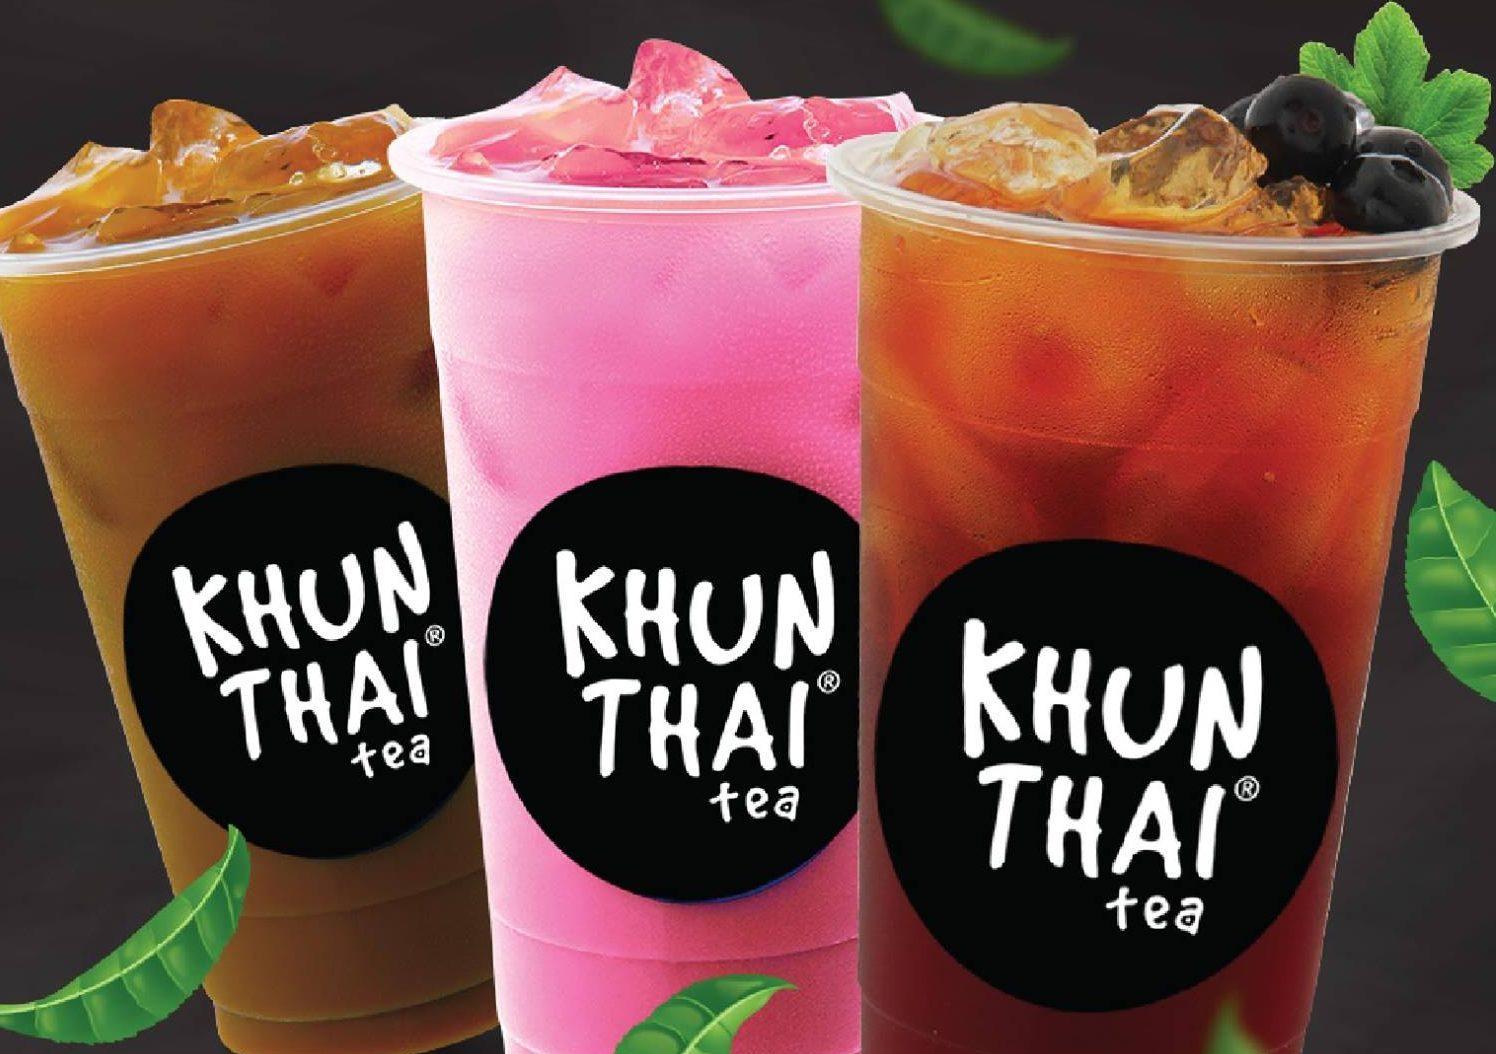 khun thai tea